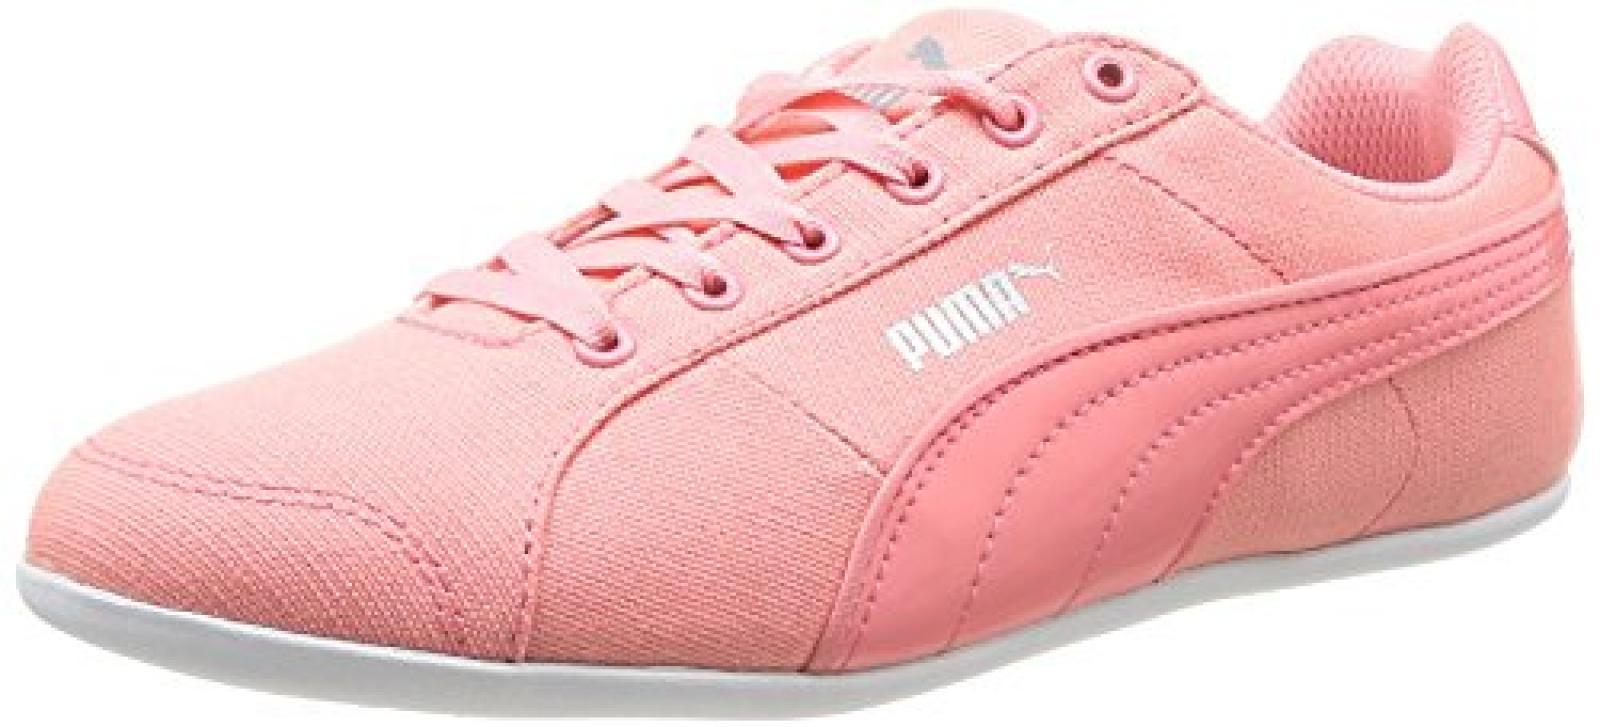 Puma Myndy CV Damen Sneakers